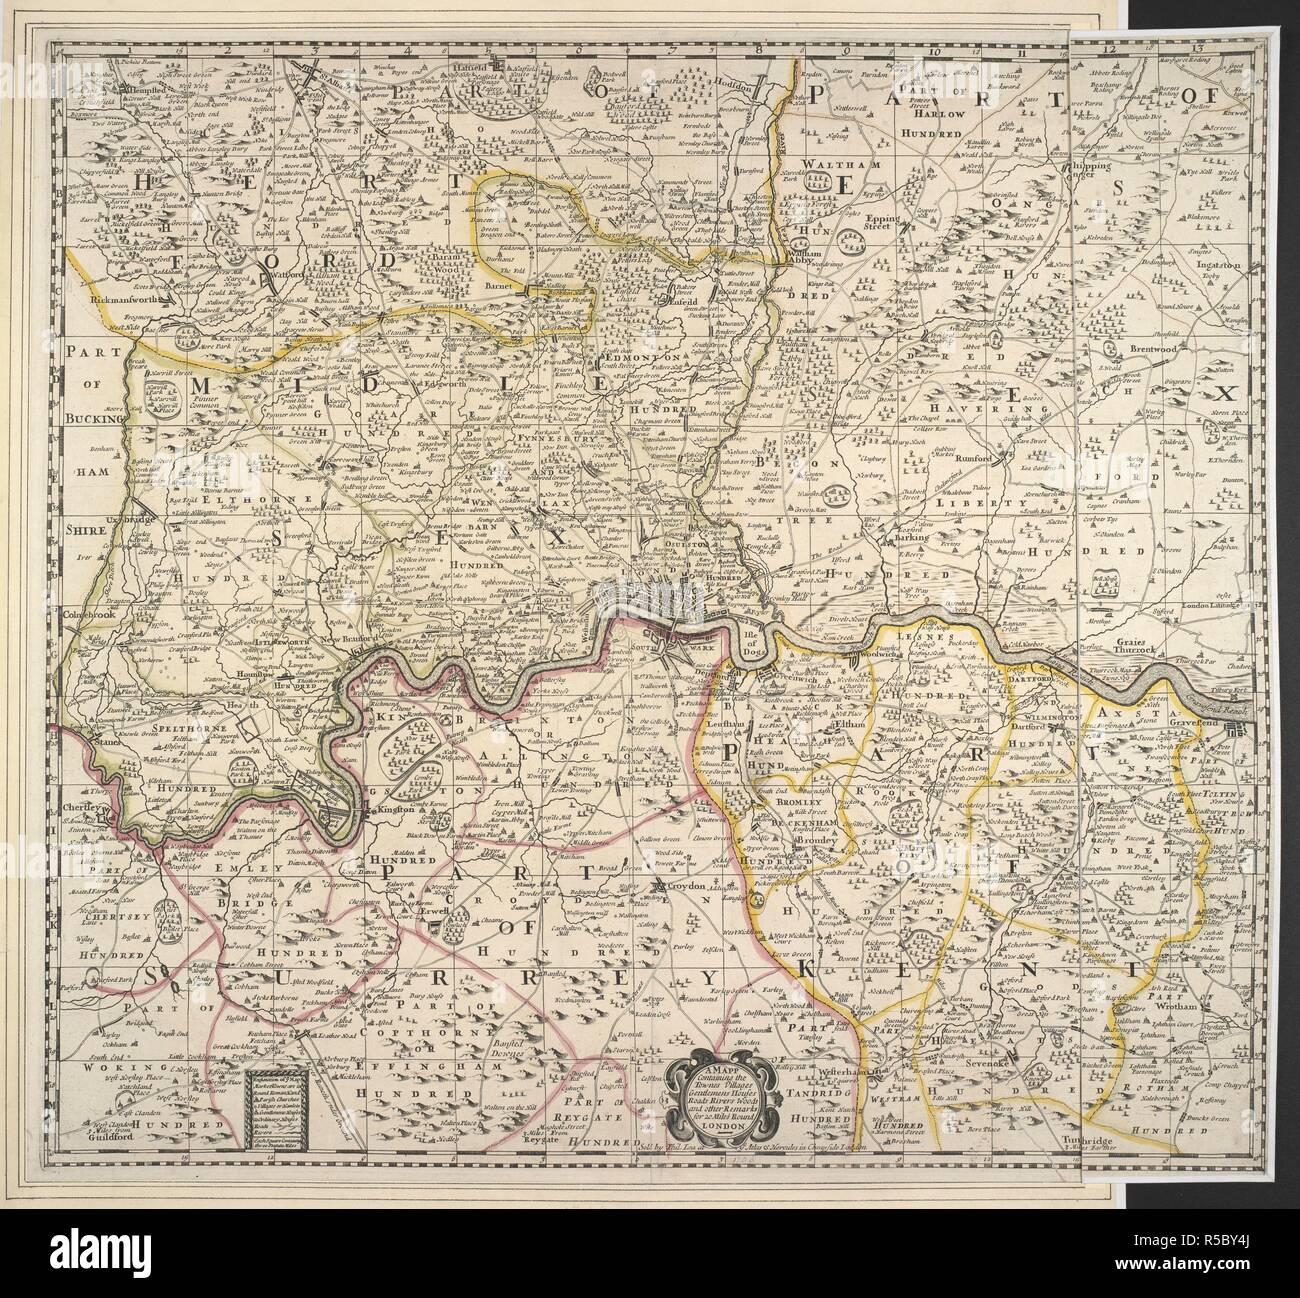 Eine Karte Die Eine 20 Km Radius Um London Ein Mapp Mit Den